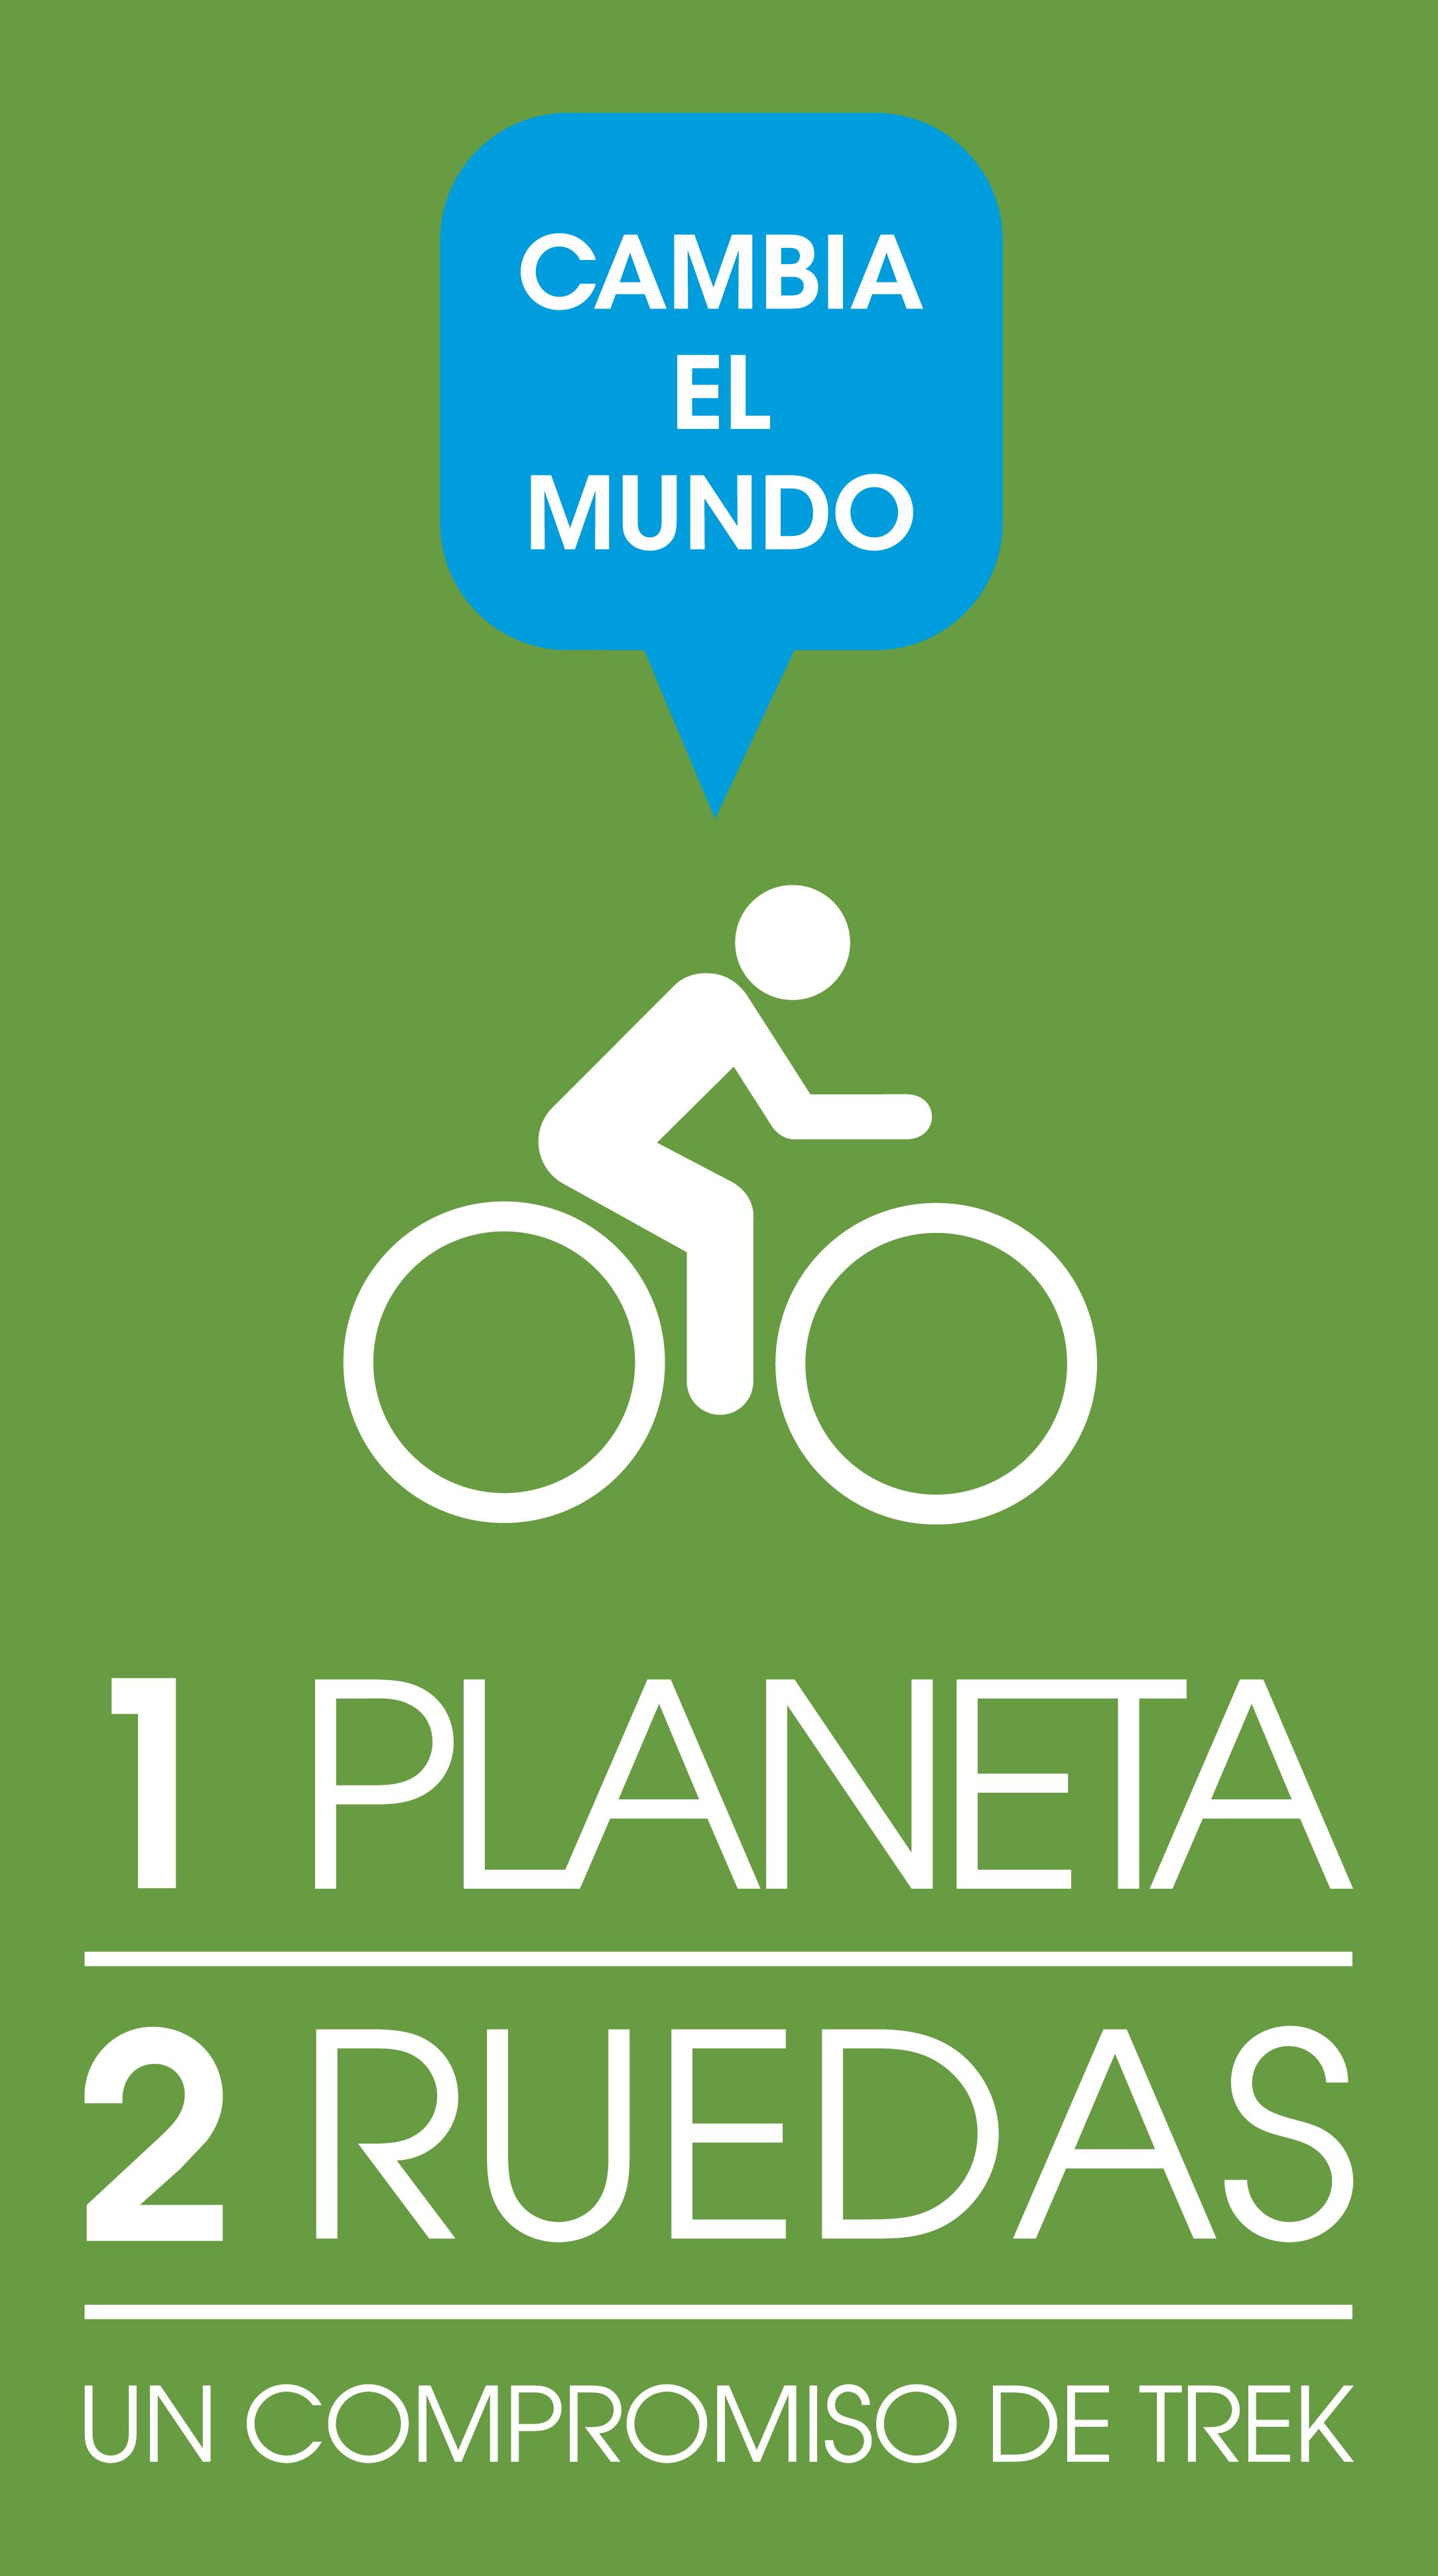 Muévete en bici, por el bien de todos. 1 Planeta 2 Ruedas